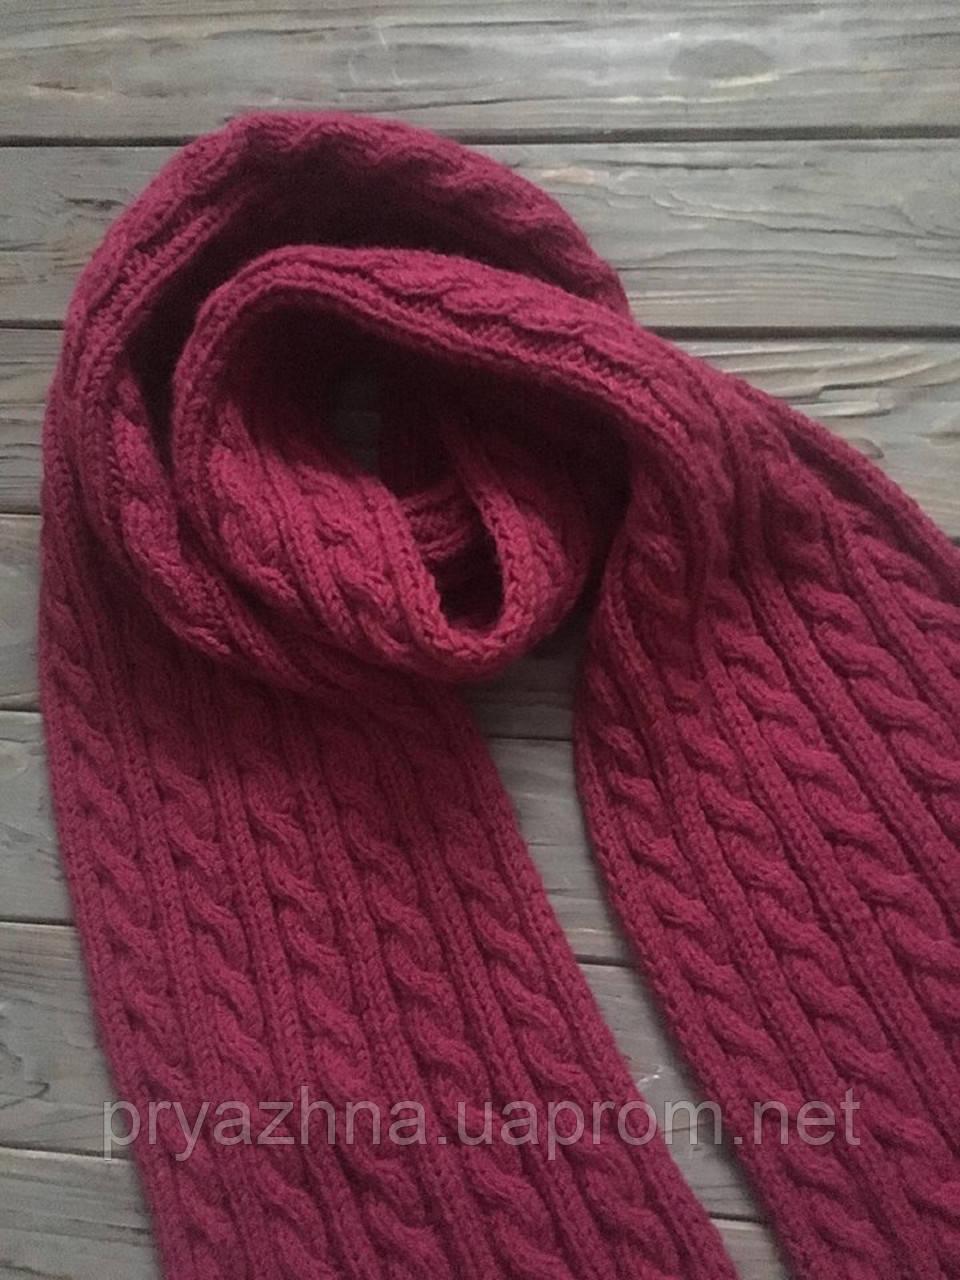 62209728b9db Длинный вязаный шерстяной шарф, зимний шарф, вязаный шарф узор косы, шарф  ...